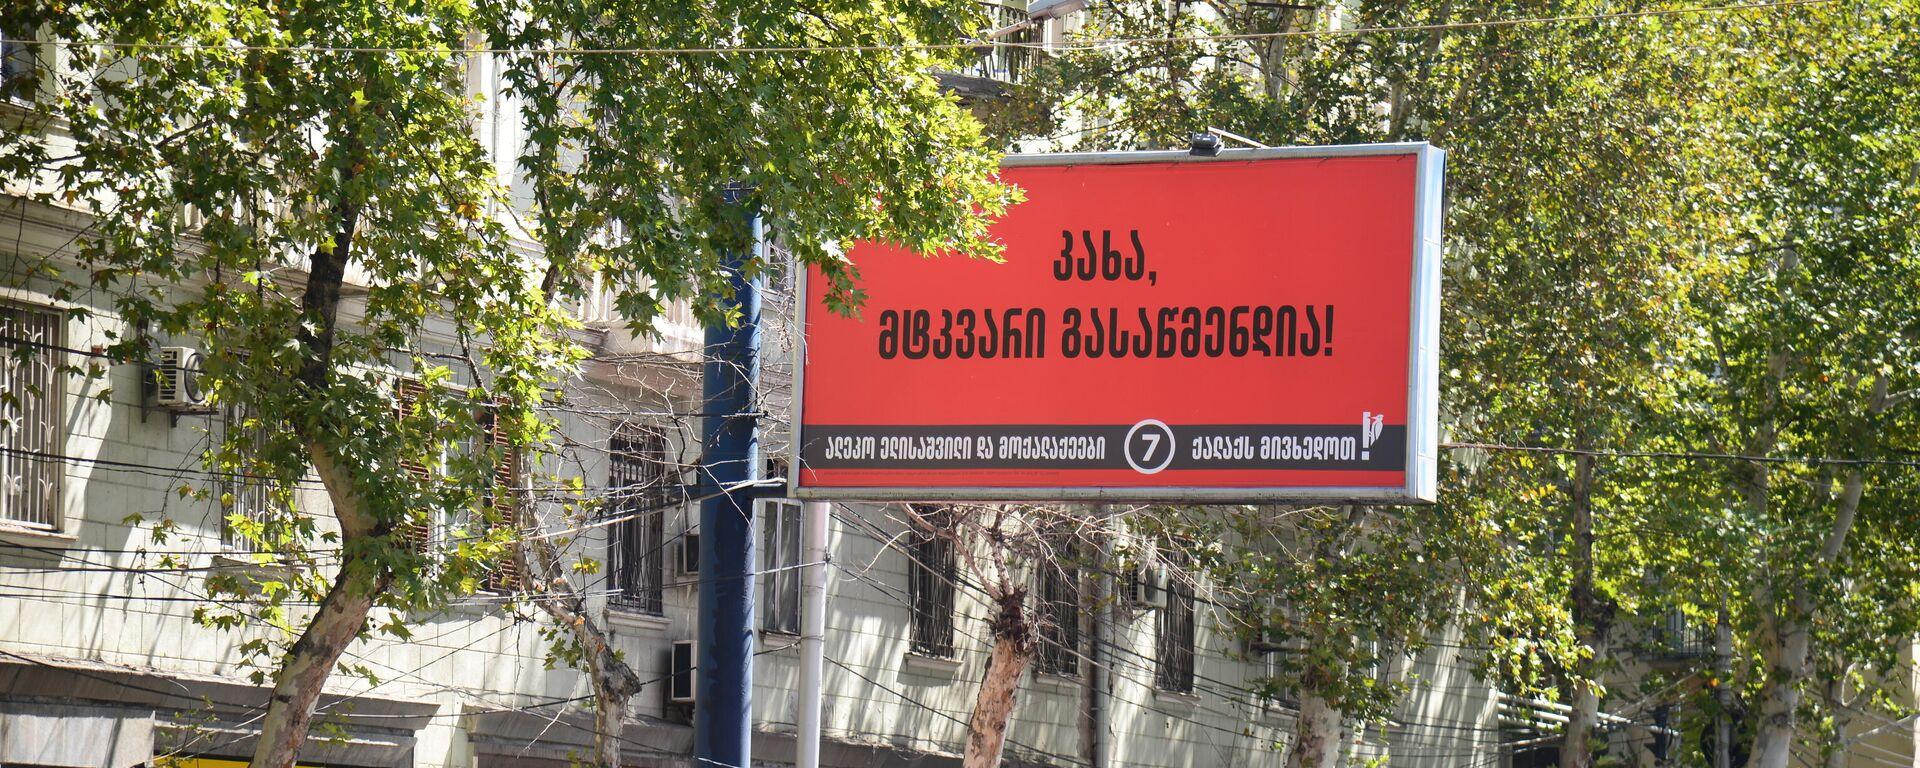 Предвыборная реклама - баннер партии Граждане и Алеко Элисашвили - Sputnik Грузия, 1920, 21.09.2021